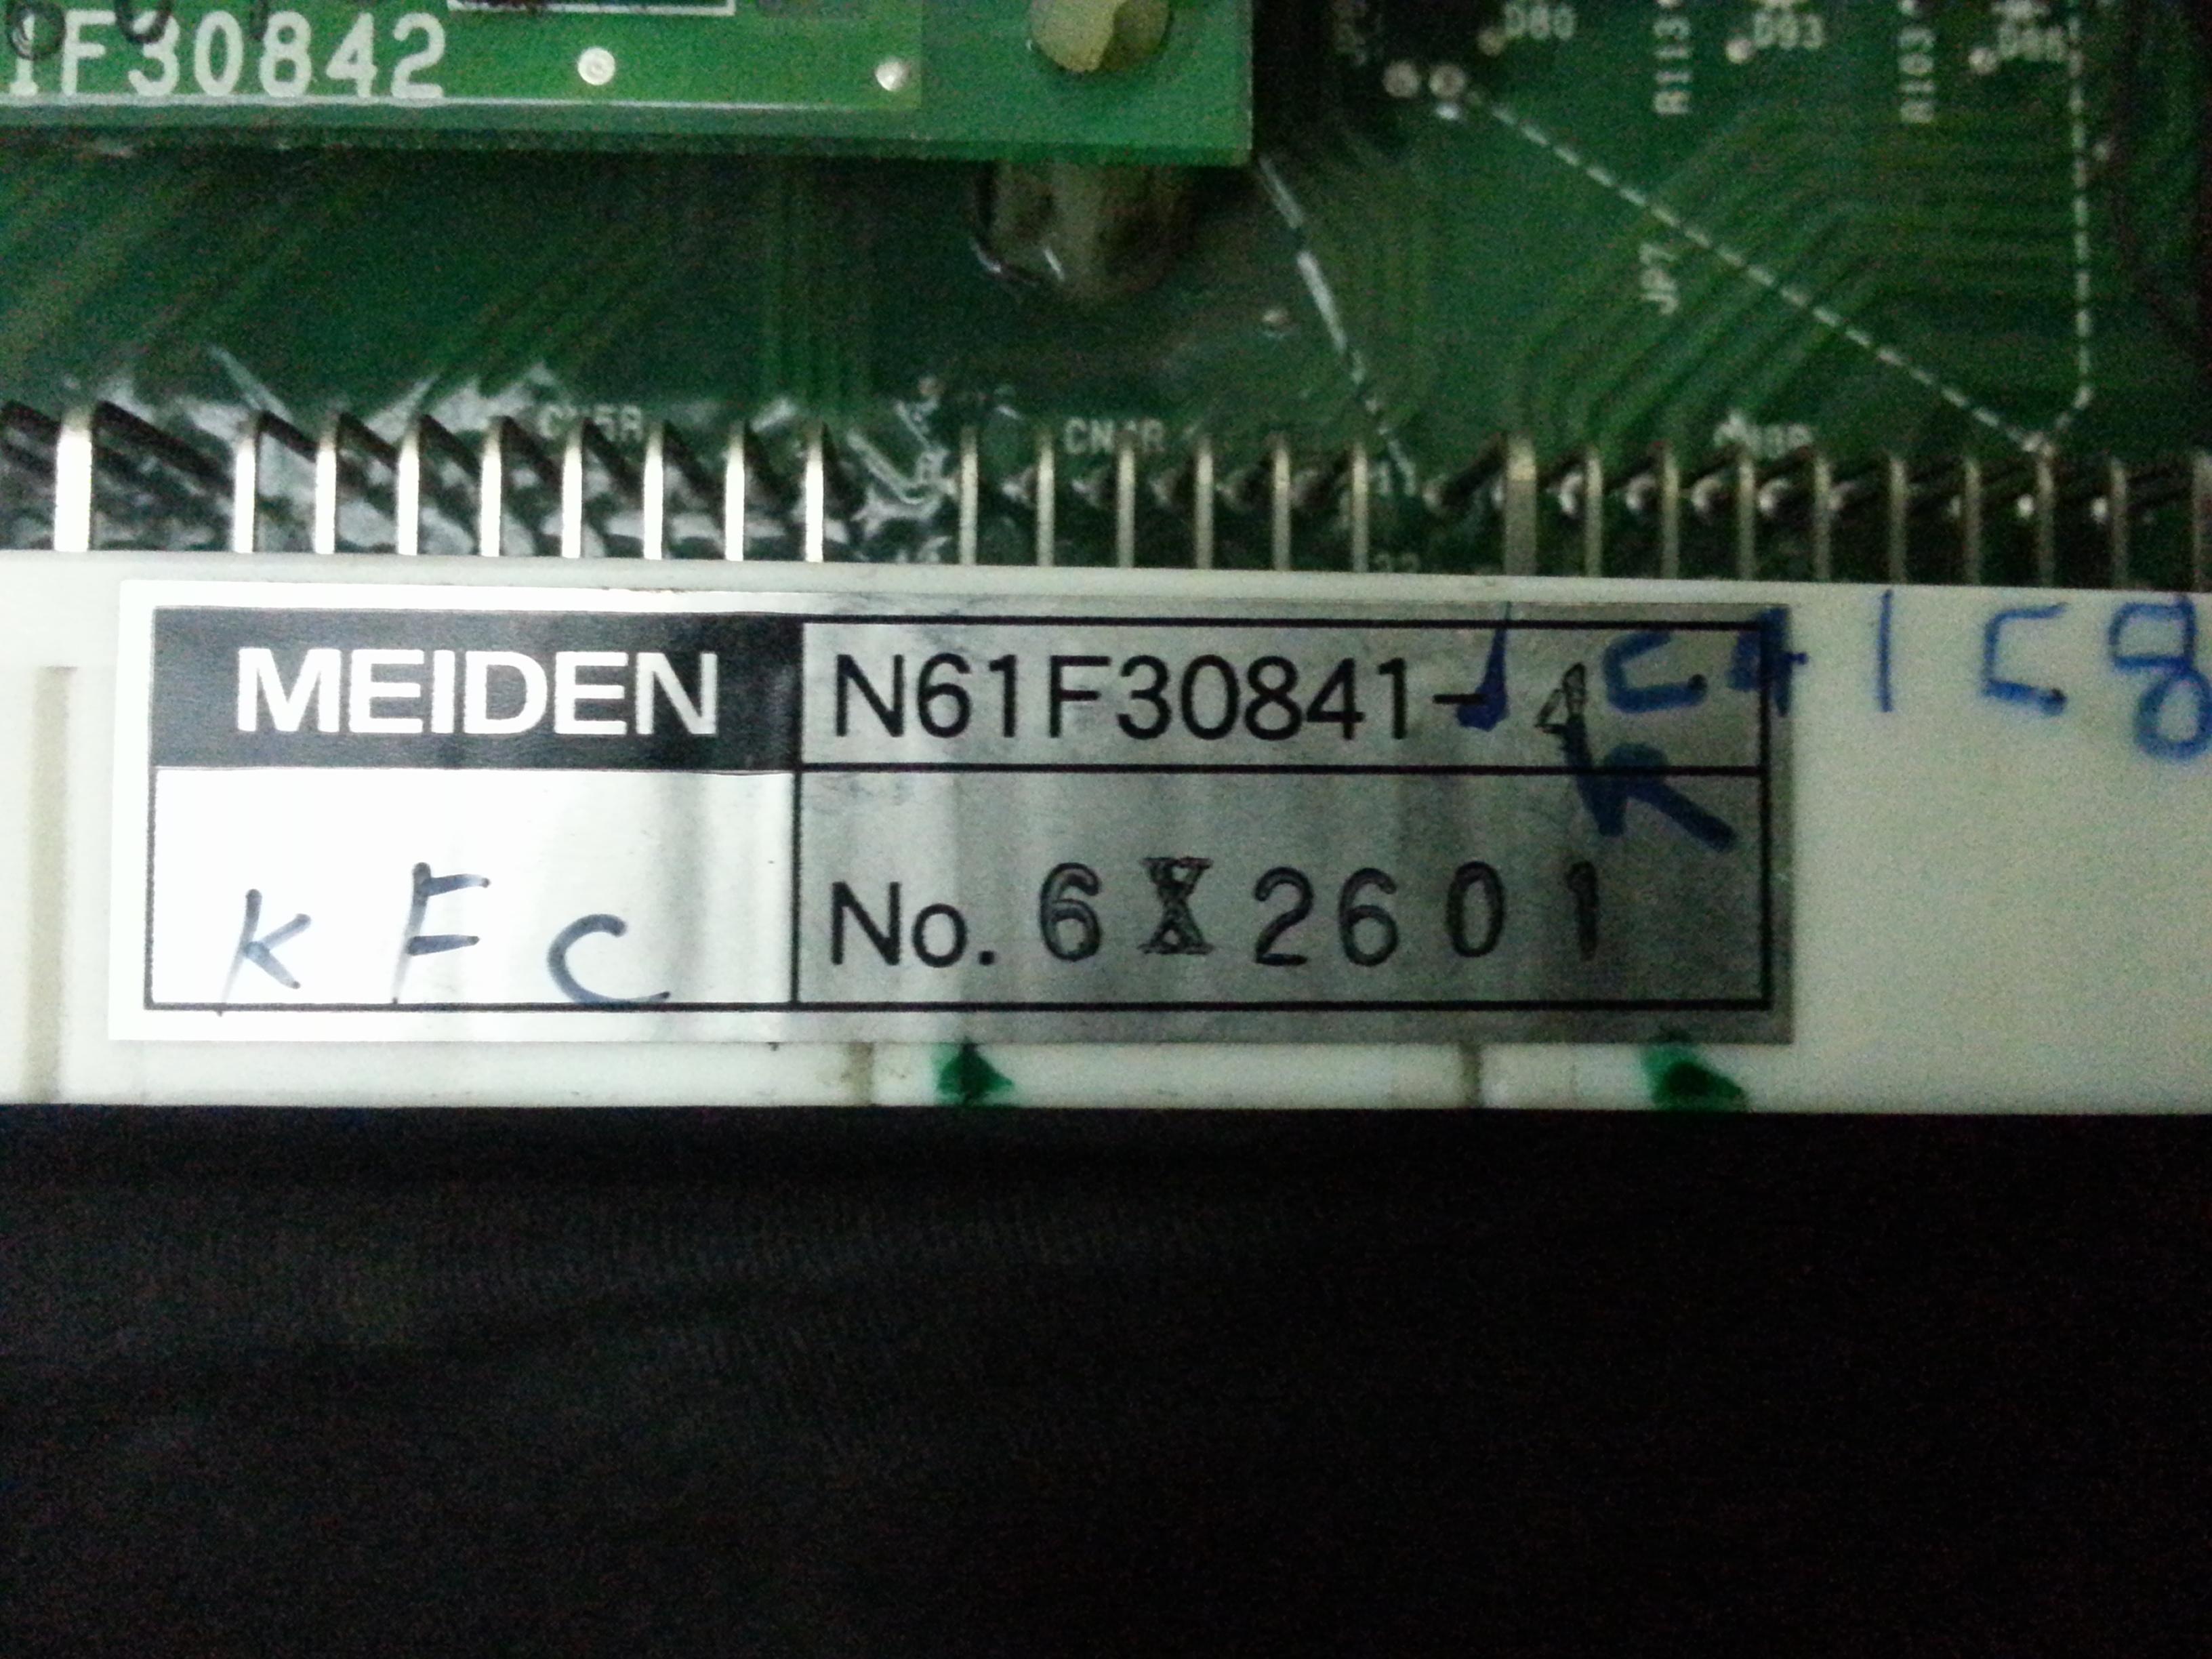 Jess Repair Meiden Meiden Pcb Board N61f30841 4 In